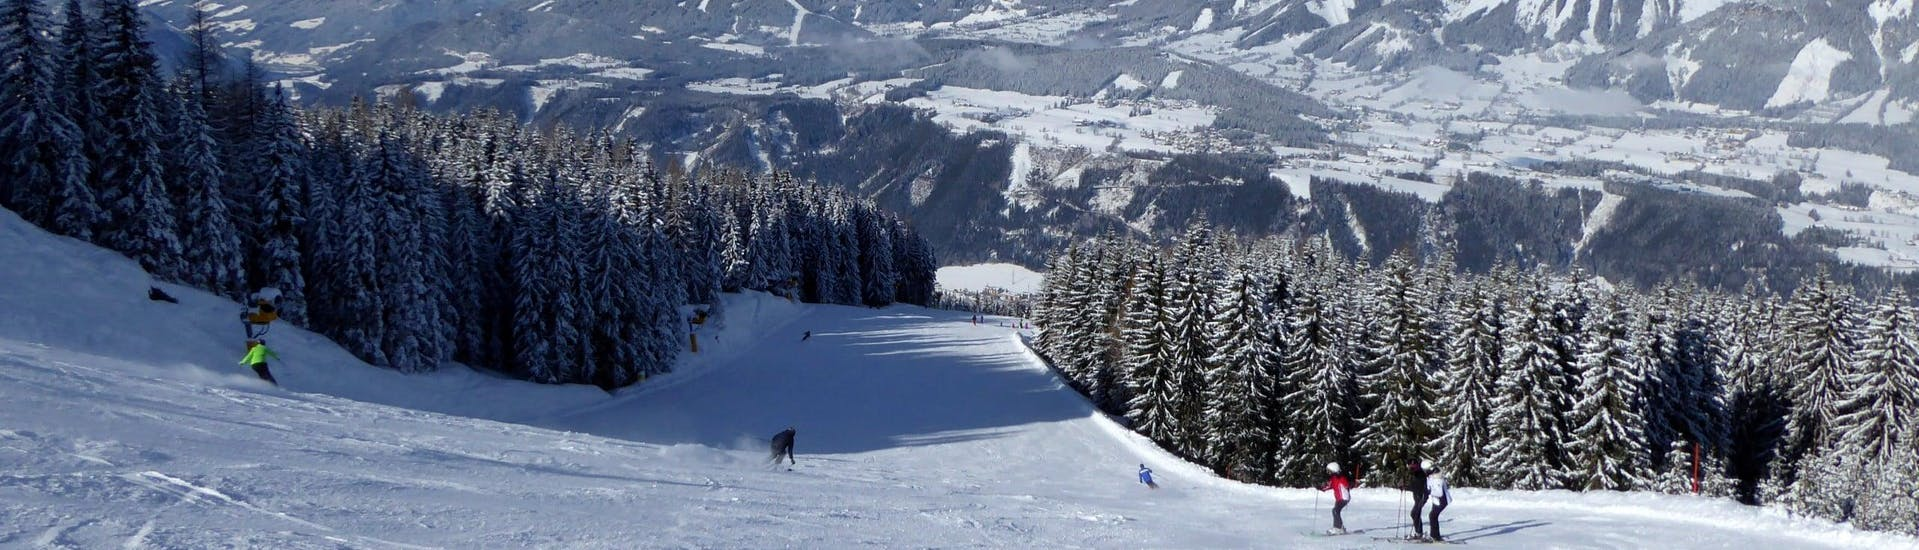 Vue sur un paysage de montagne ensoleillé lors d'un cours de ski avec l'une des écoles de ski de la station de ski Schladming-Planai.